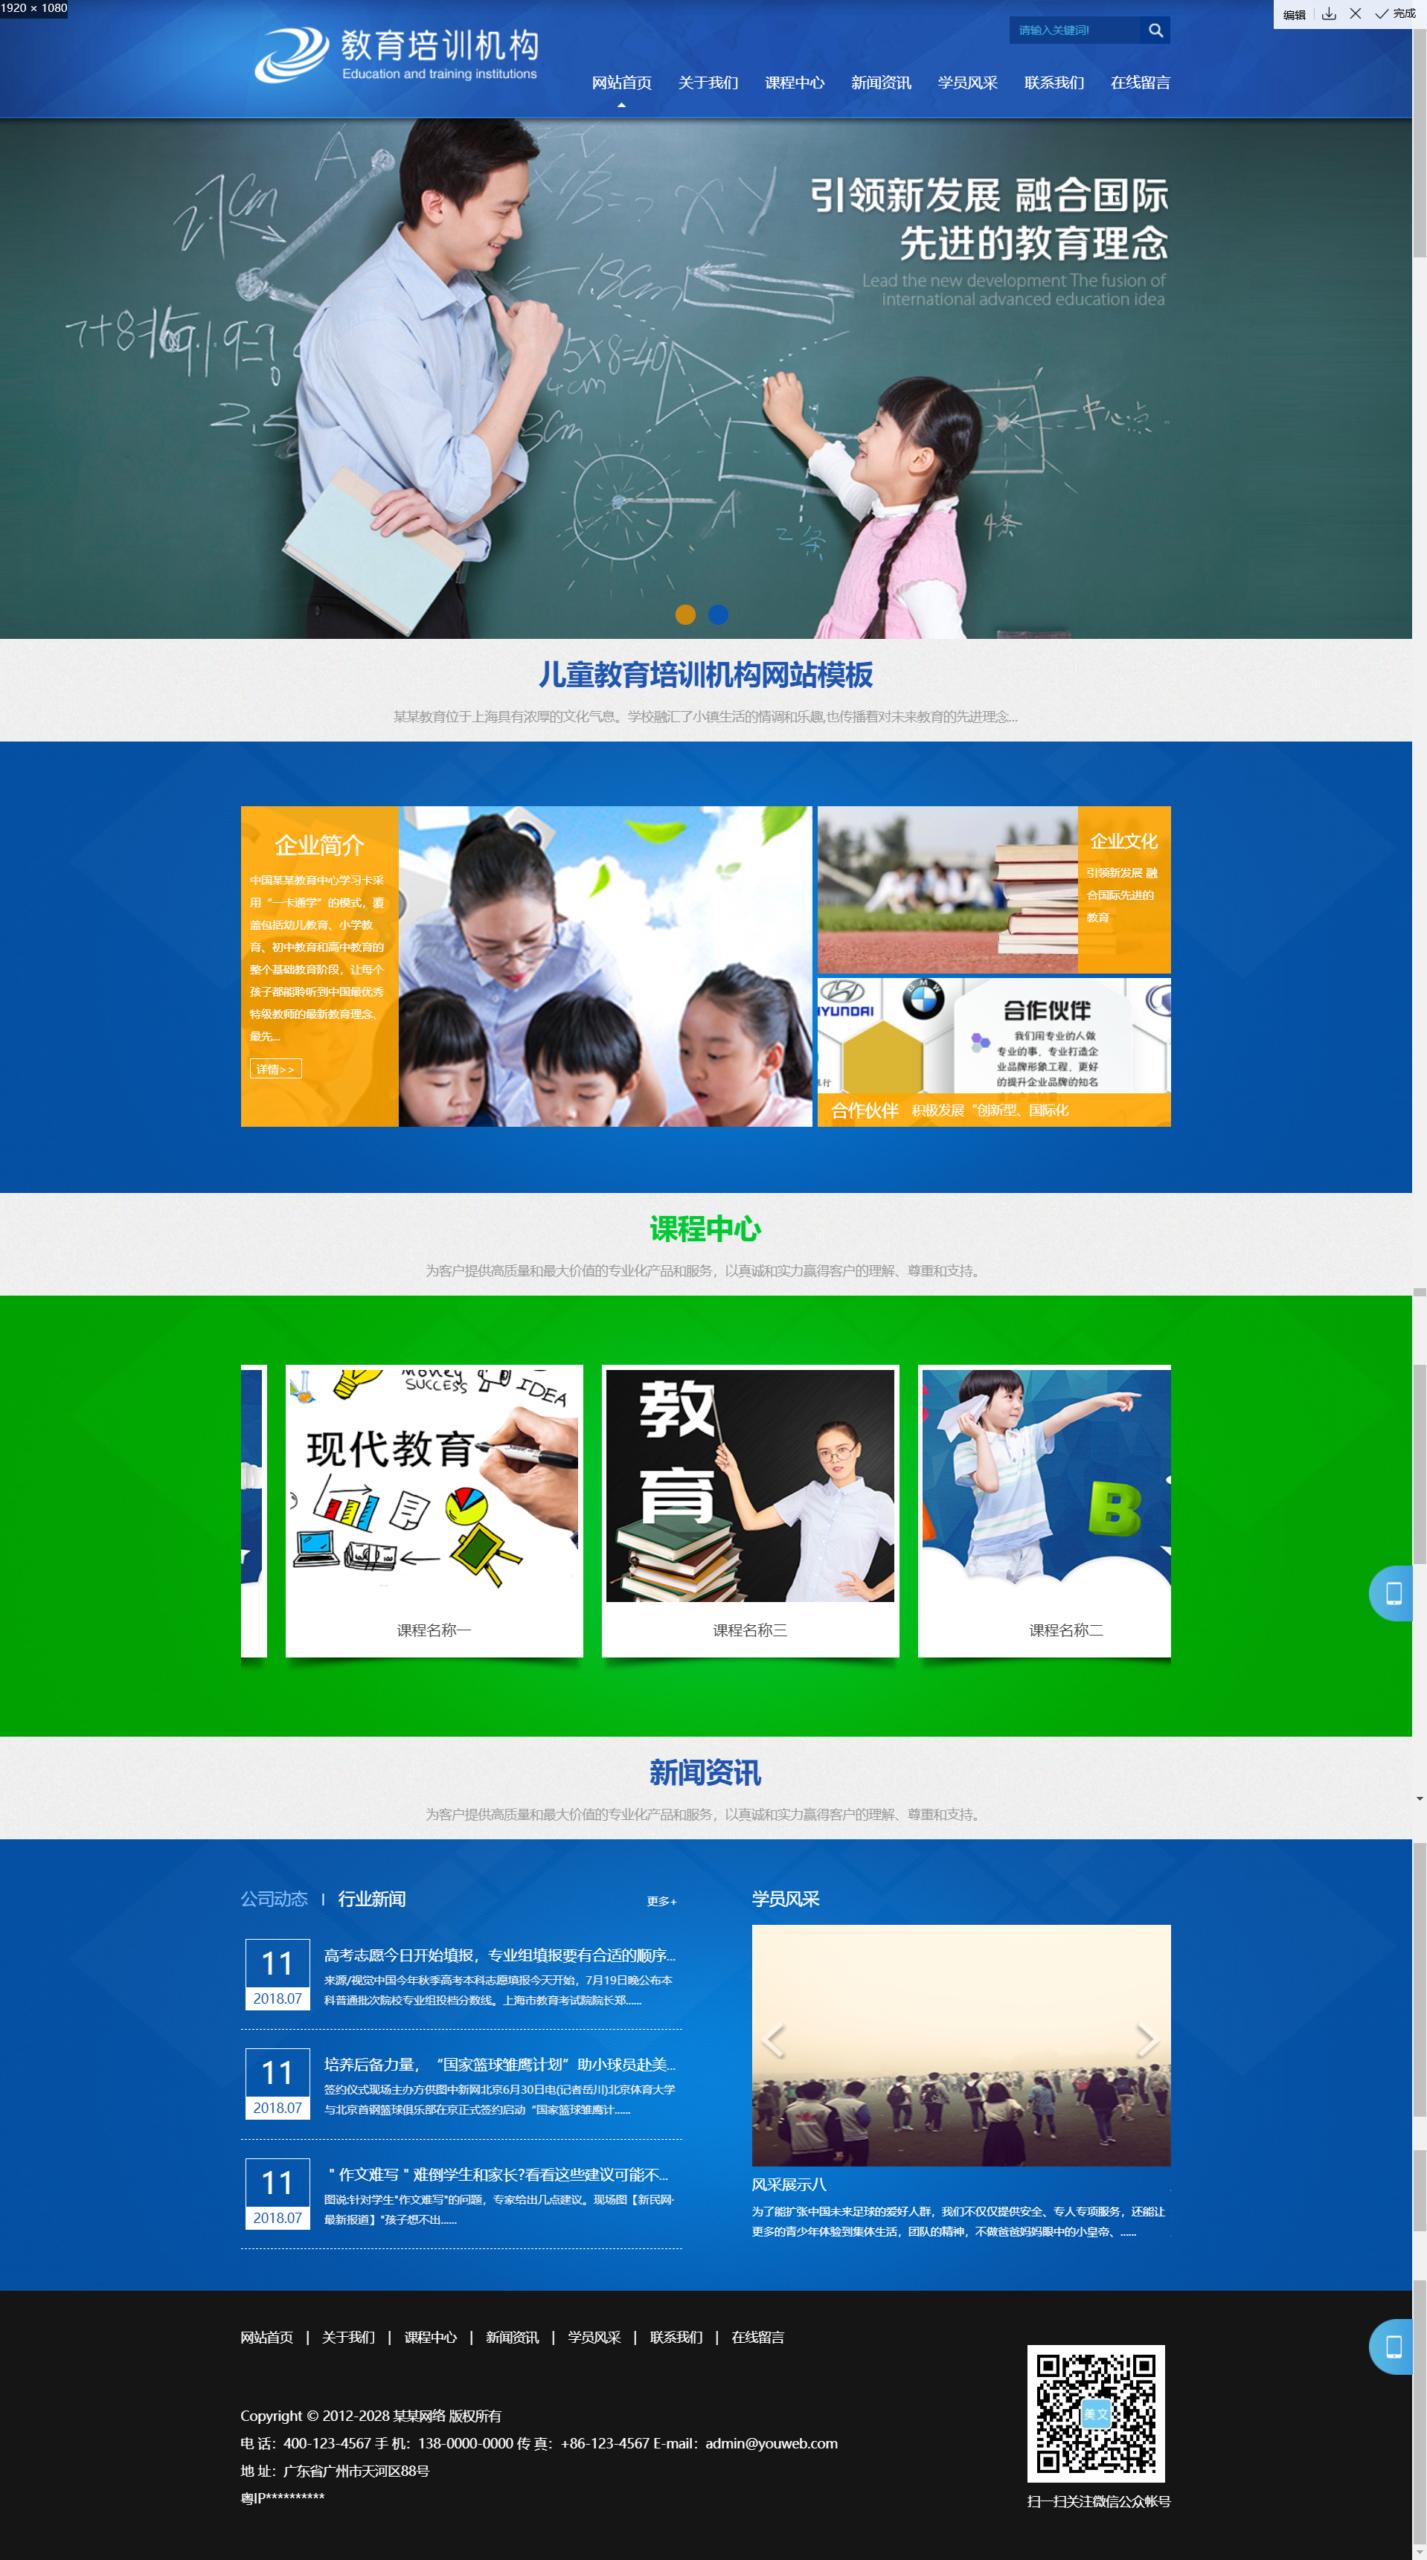 儿童教育培训机构学习网站模板公司企业模板官网企业网站源码下载自适应手机端带强大的后台管理系统